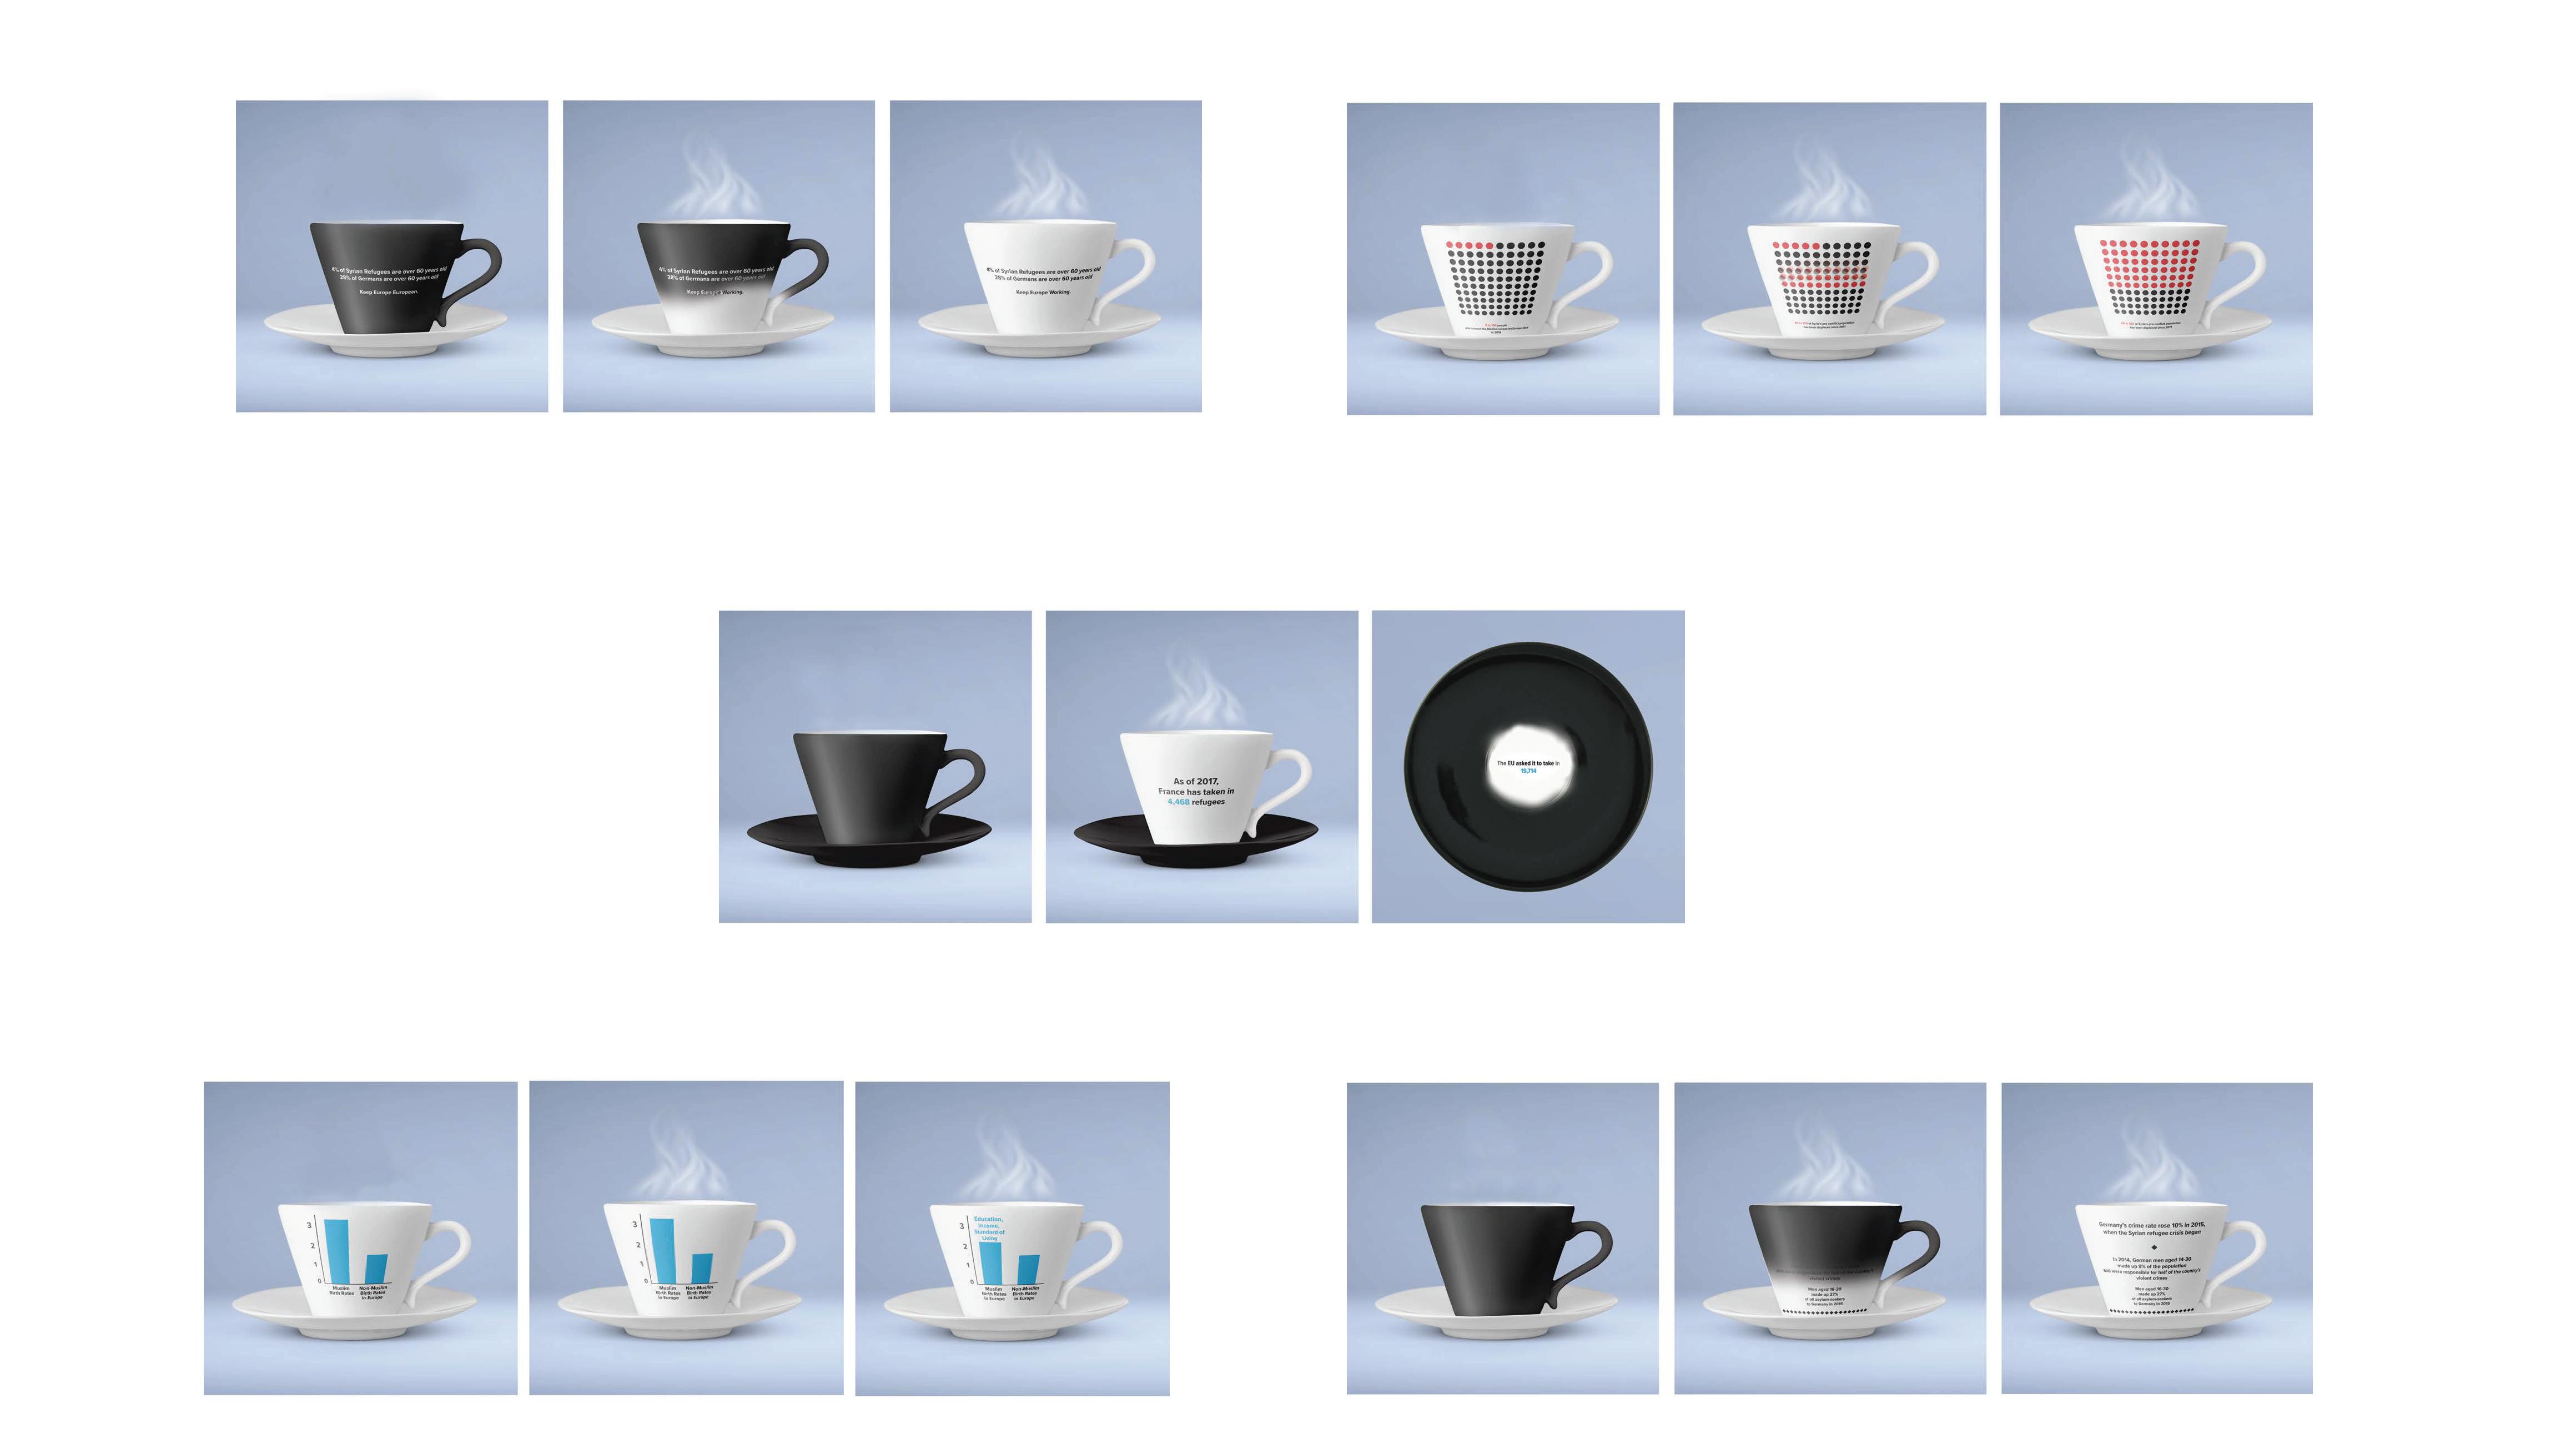 Syrian Refugee Teacups